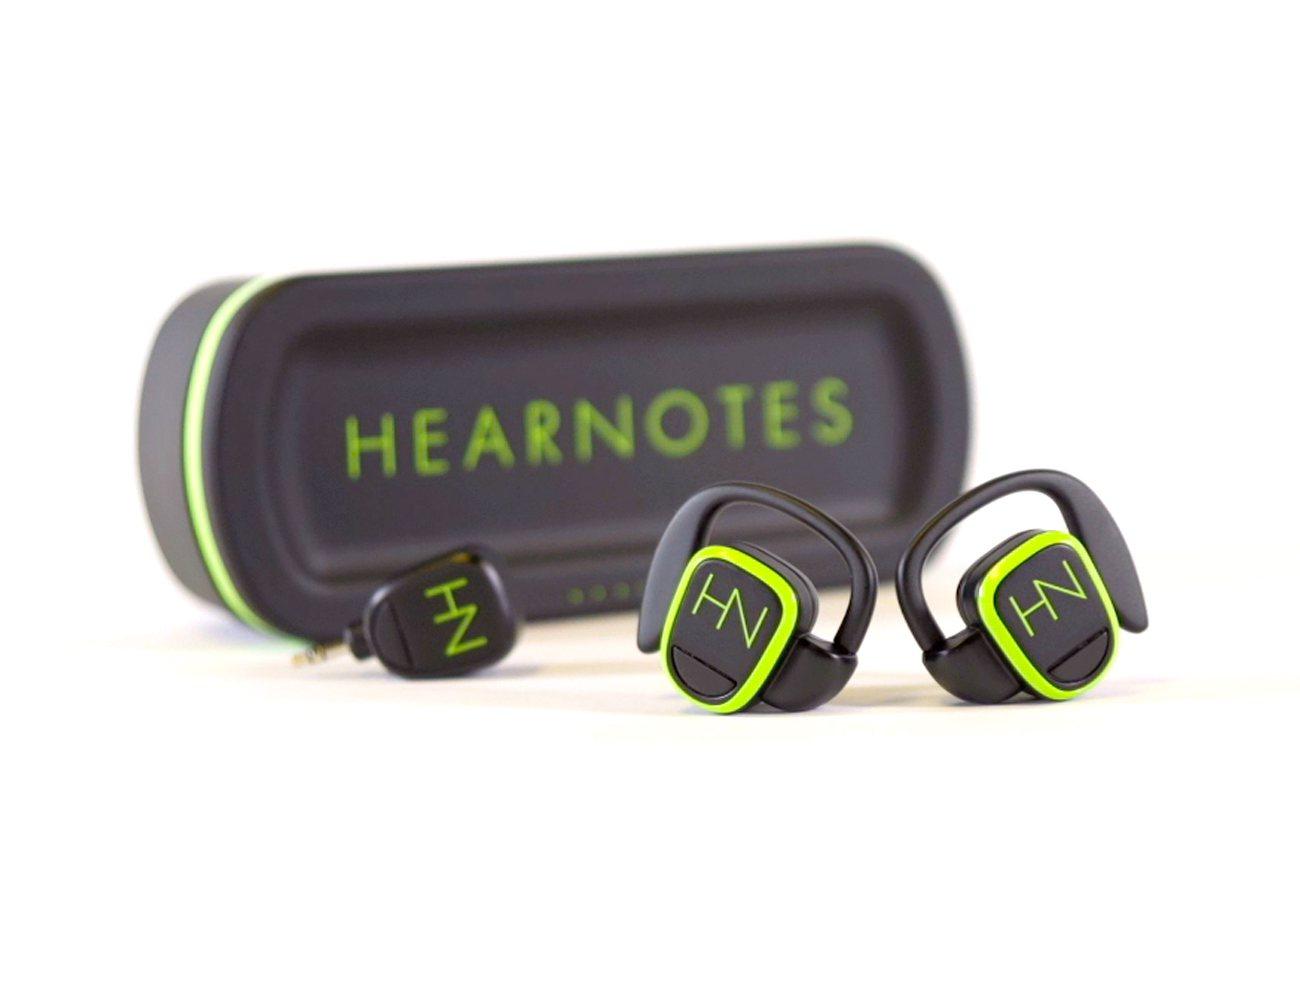 hearnotes_1